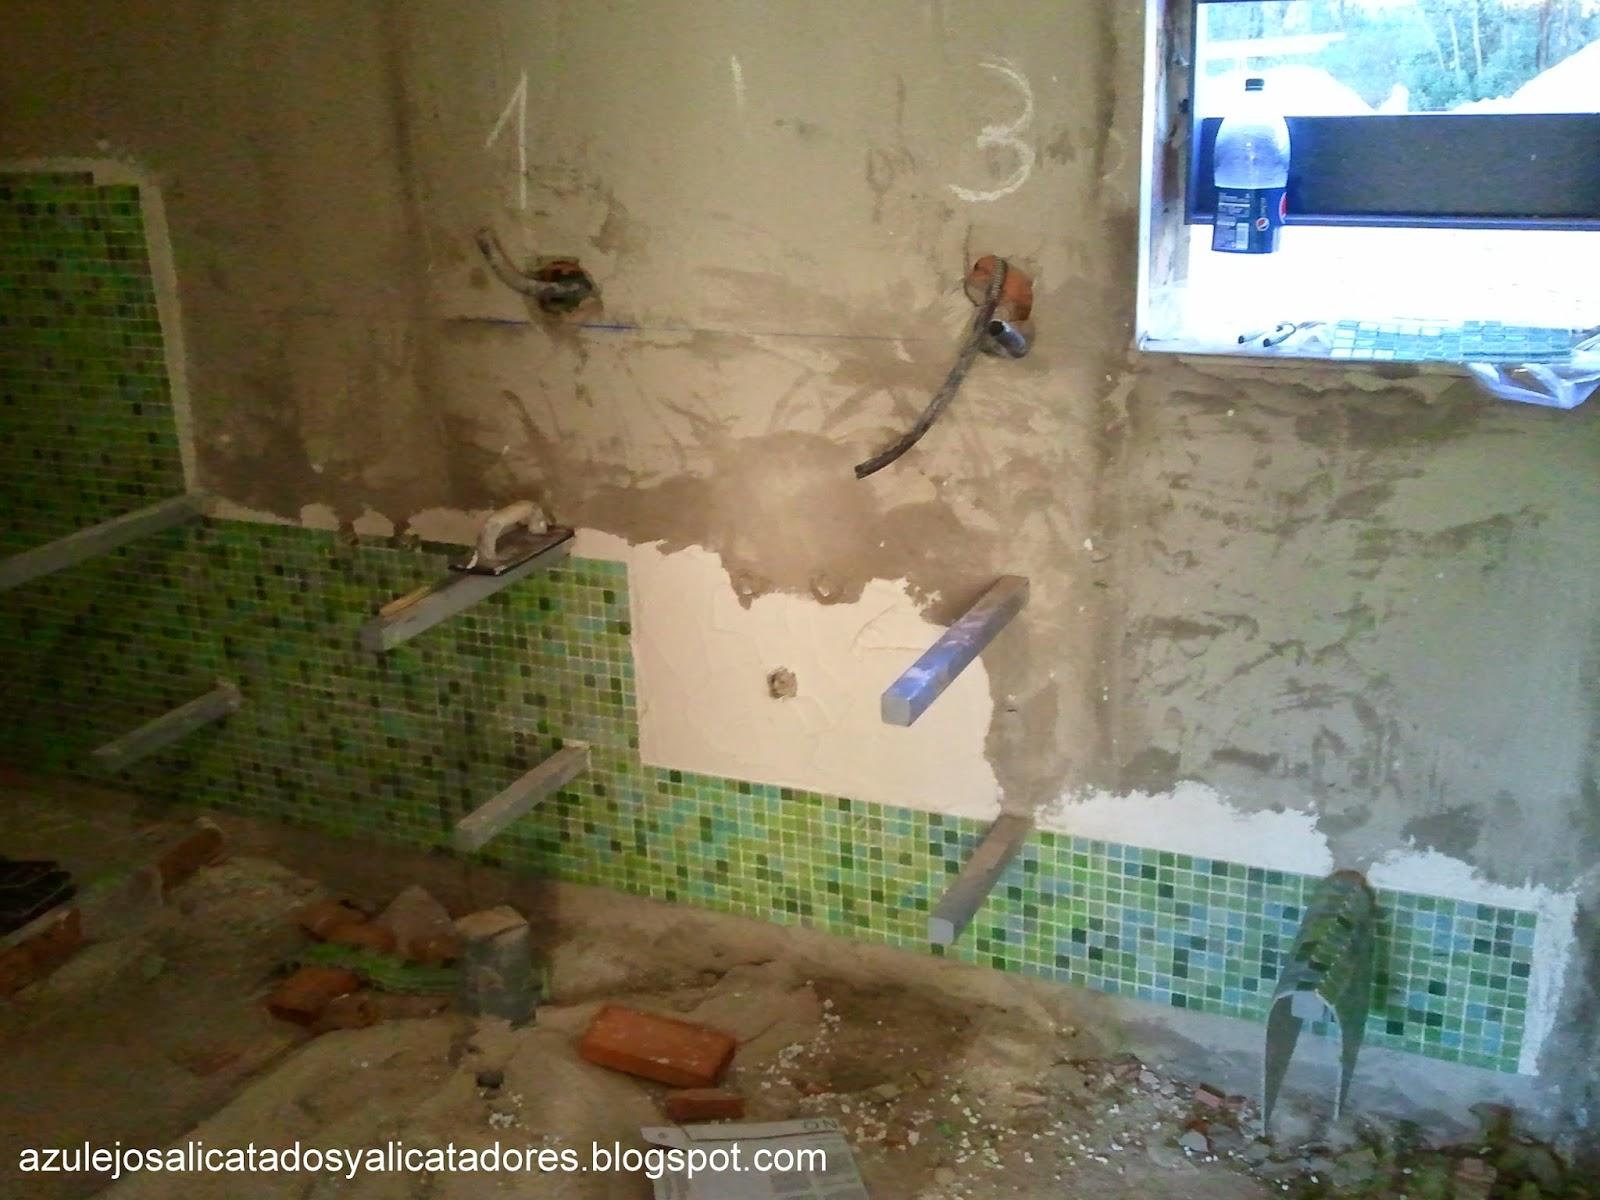 Azulejos Baño Huelva:Esta es la pared que nos encontramos de frente al entrar en el baño y